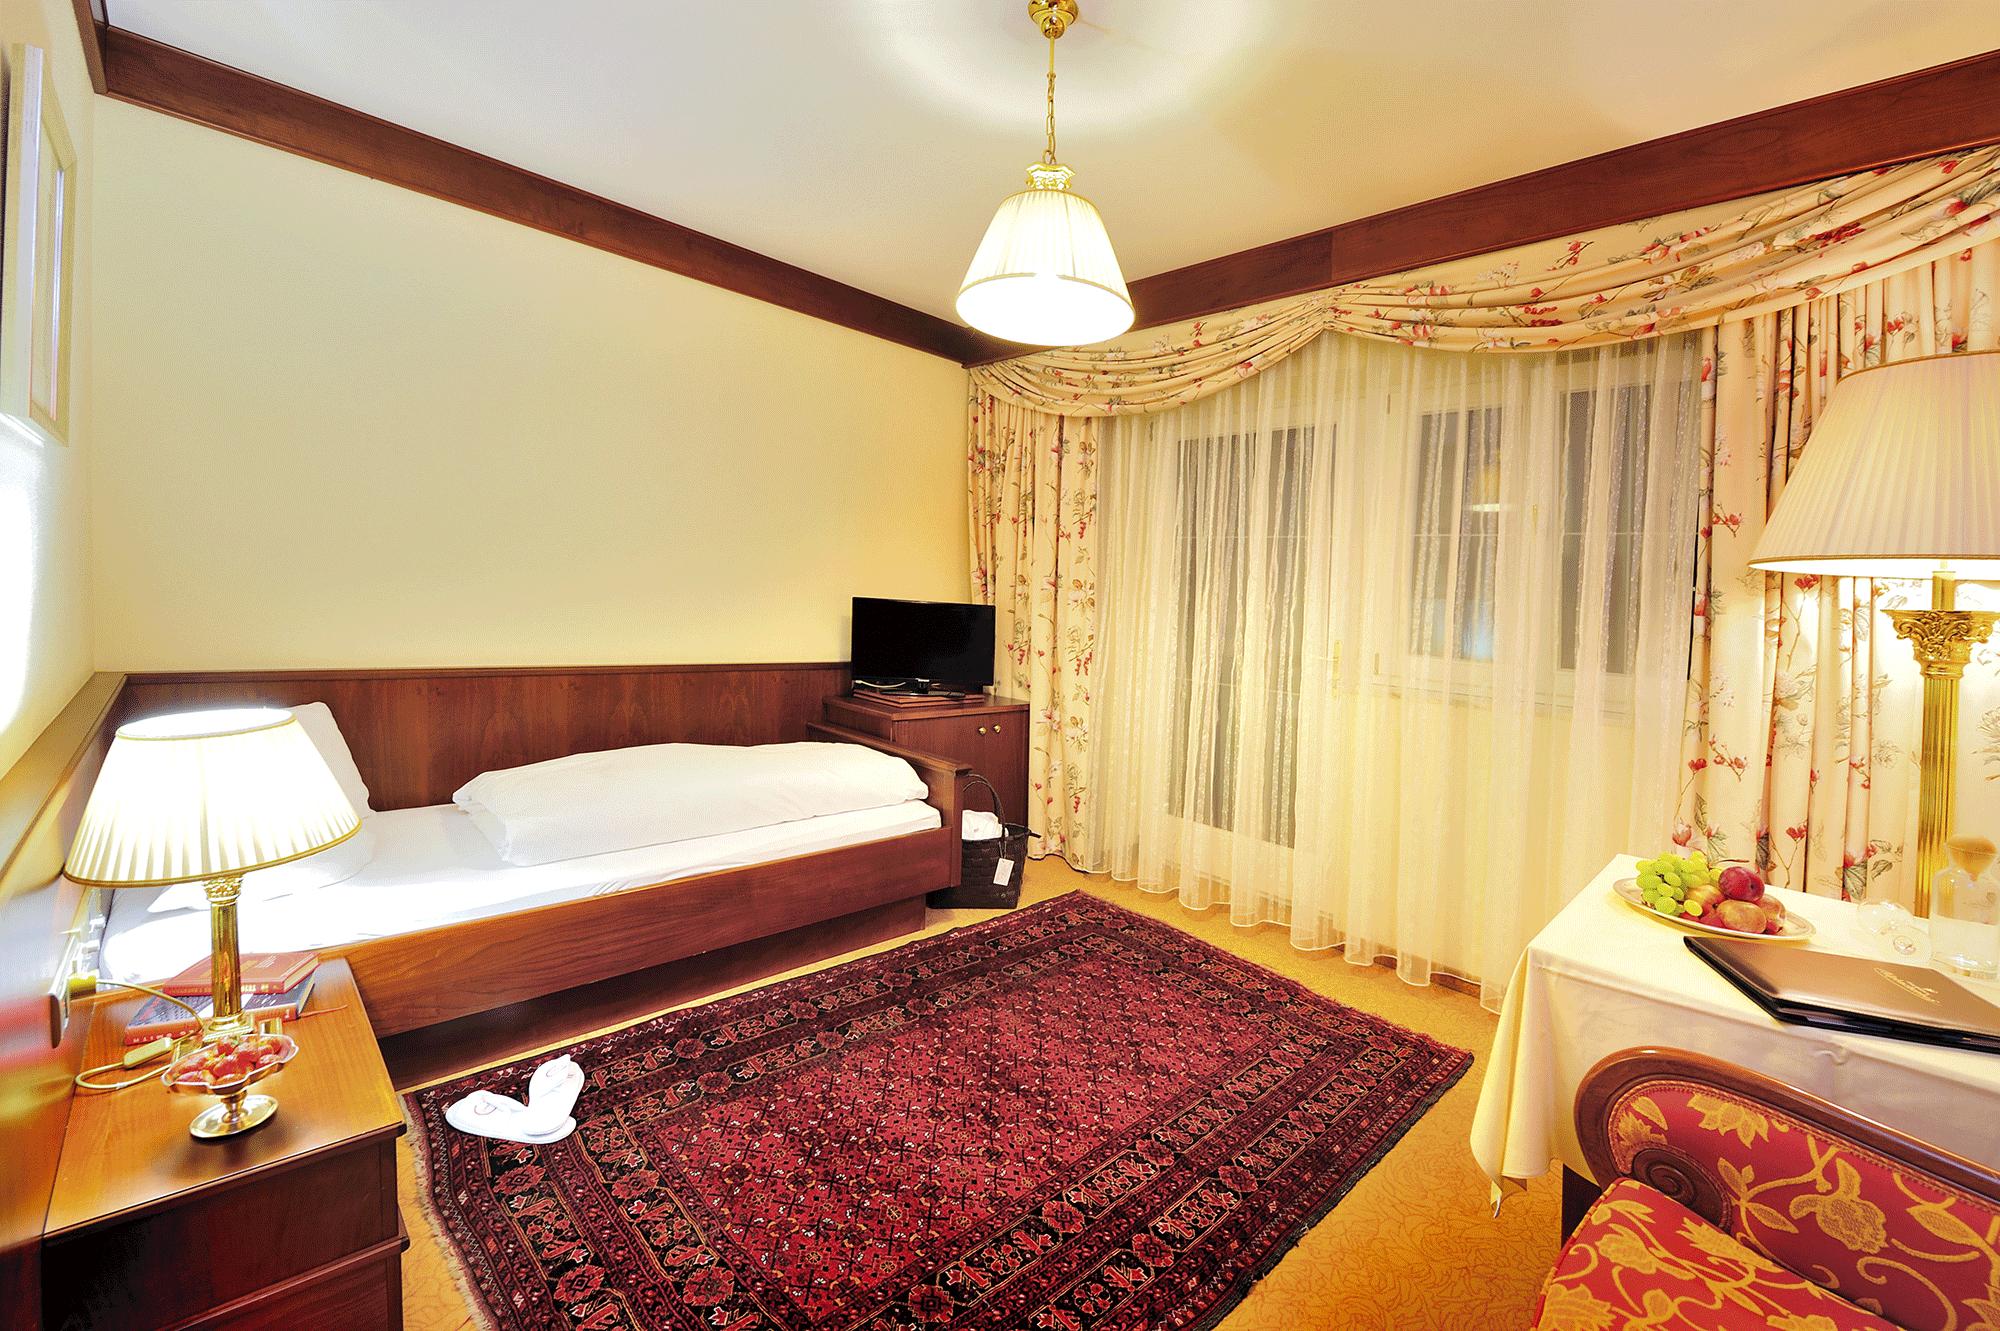 Familiensuite de Luxe Einzelzimmer im Familienhotel Alpbachtal Tirol